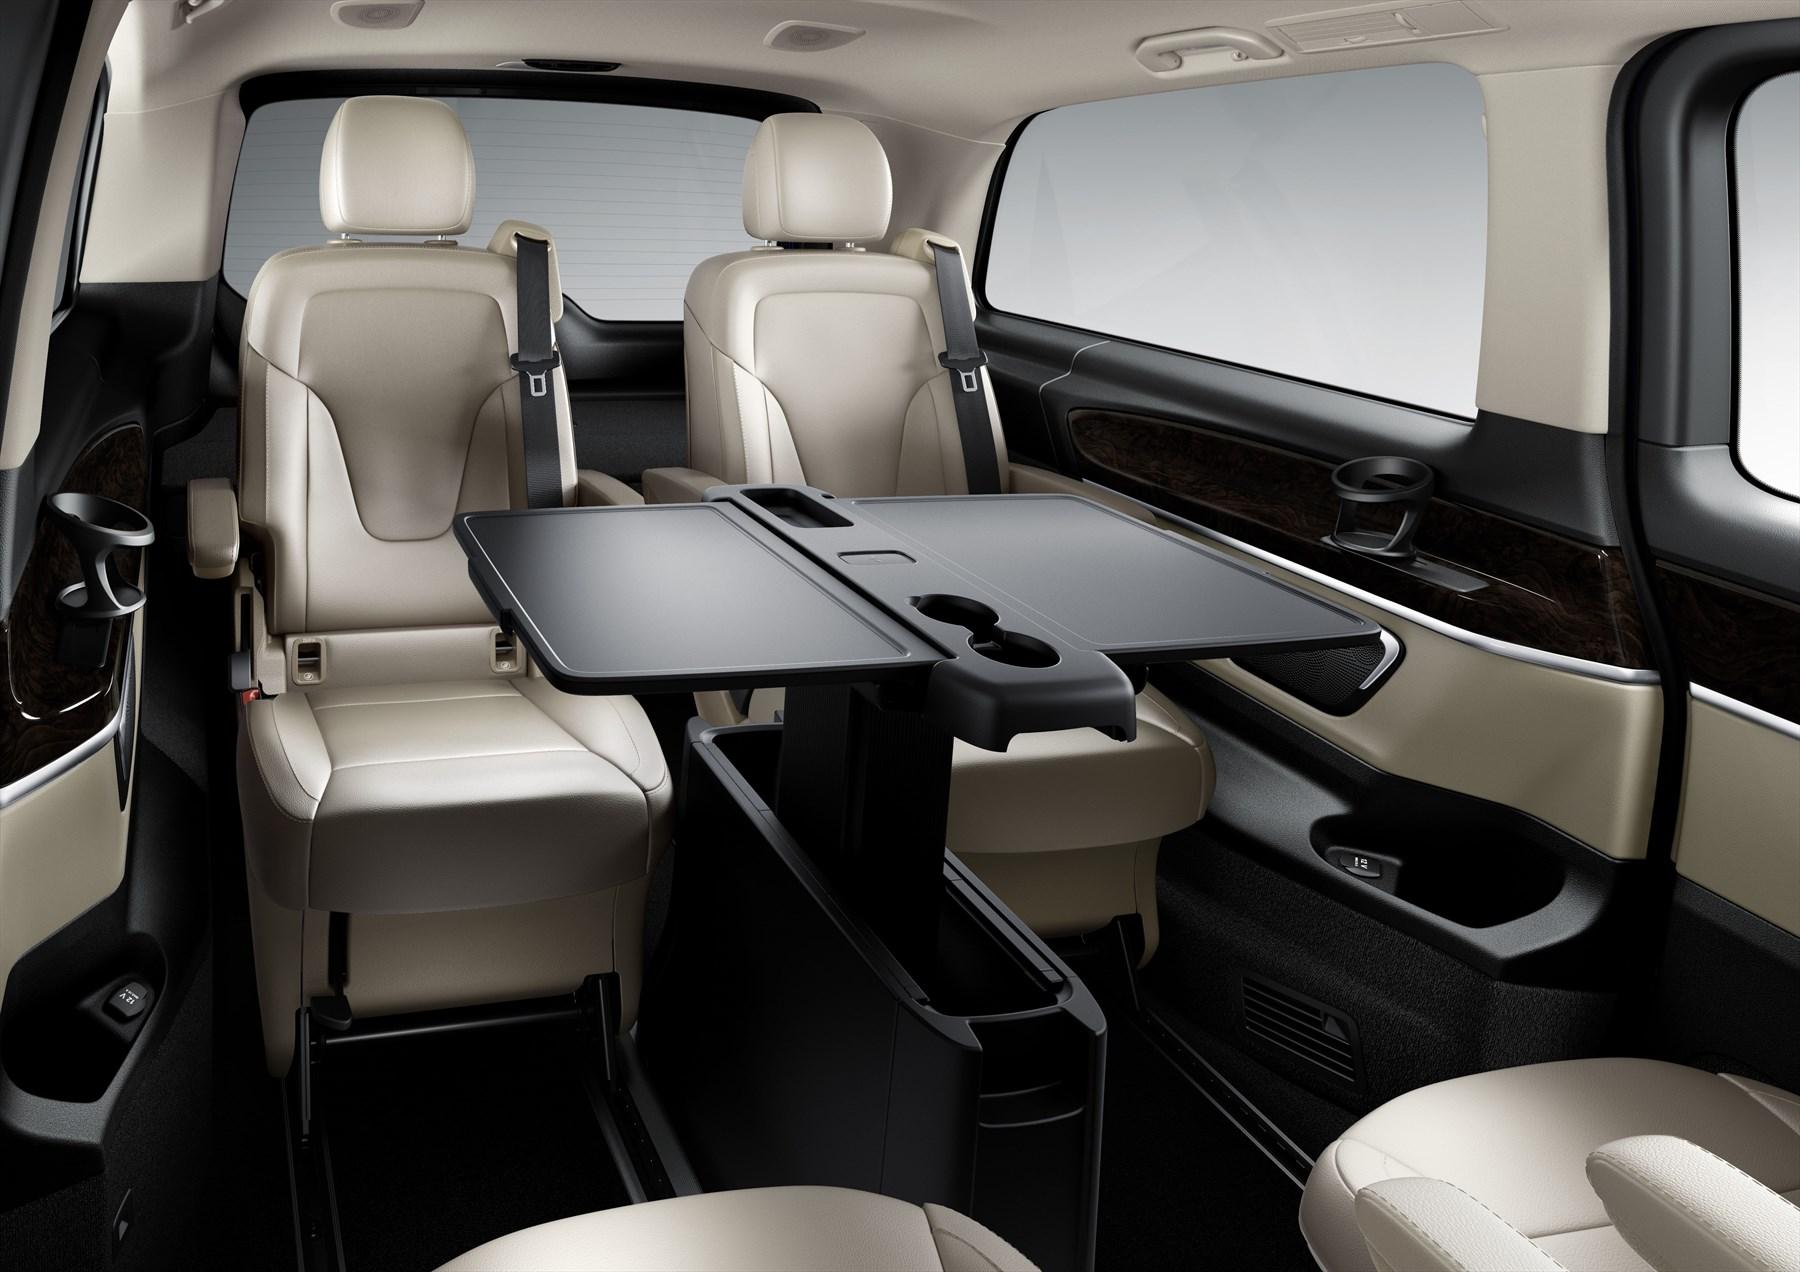 v-class-interior-2_1800x1800